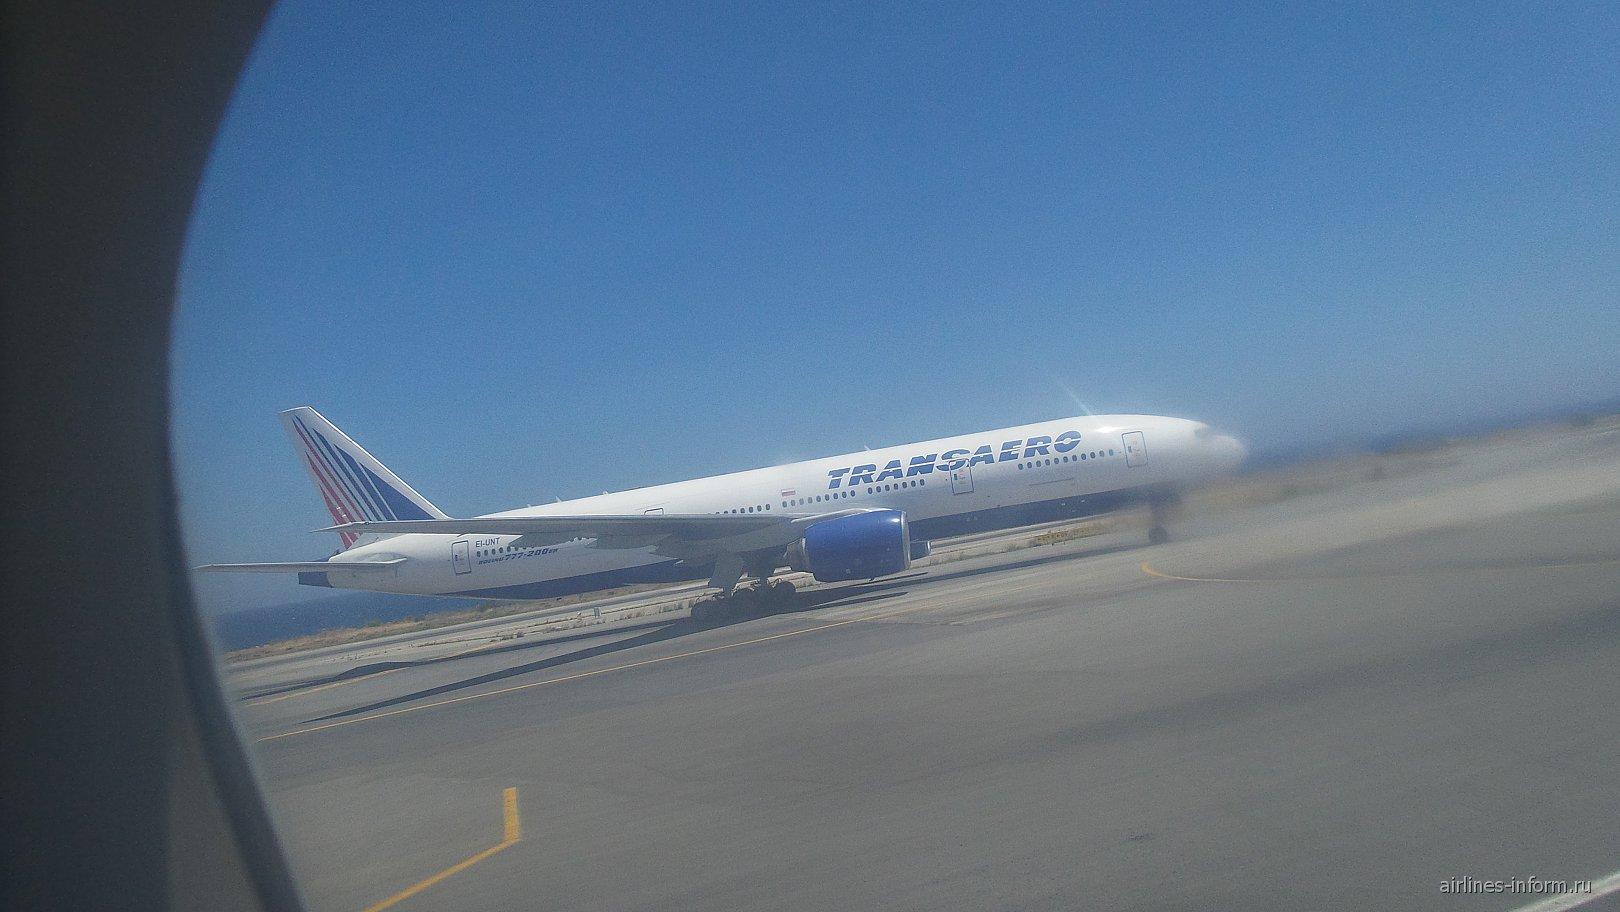 Боинг 777-200 Трансаэро. Бортовой номер EL-UNT.Я уже видел его в чьем-то обзоре.